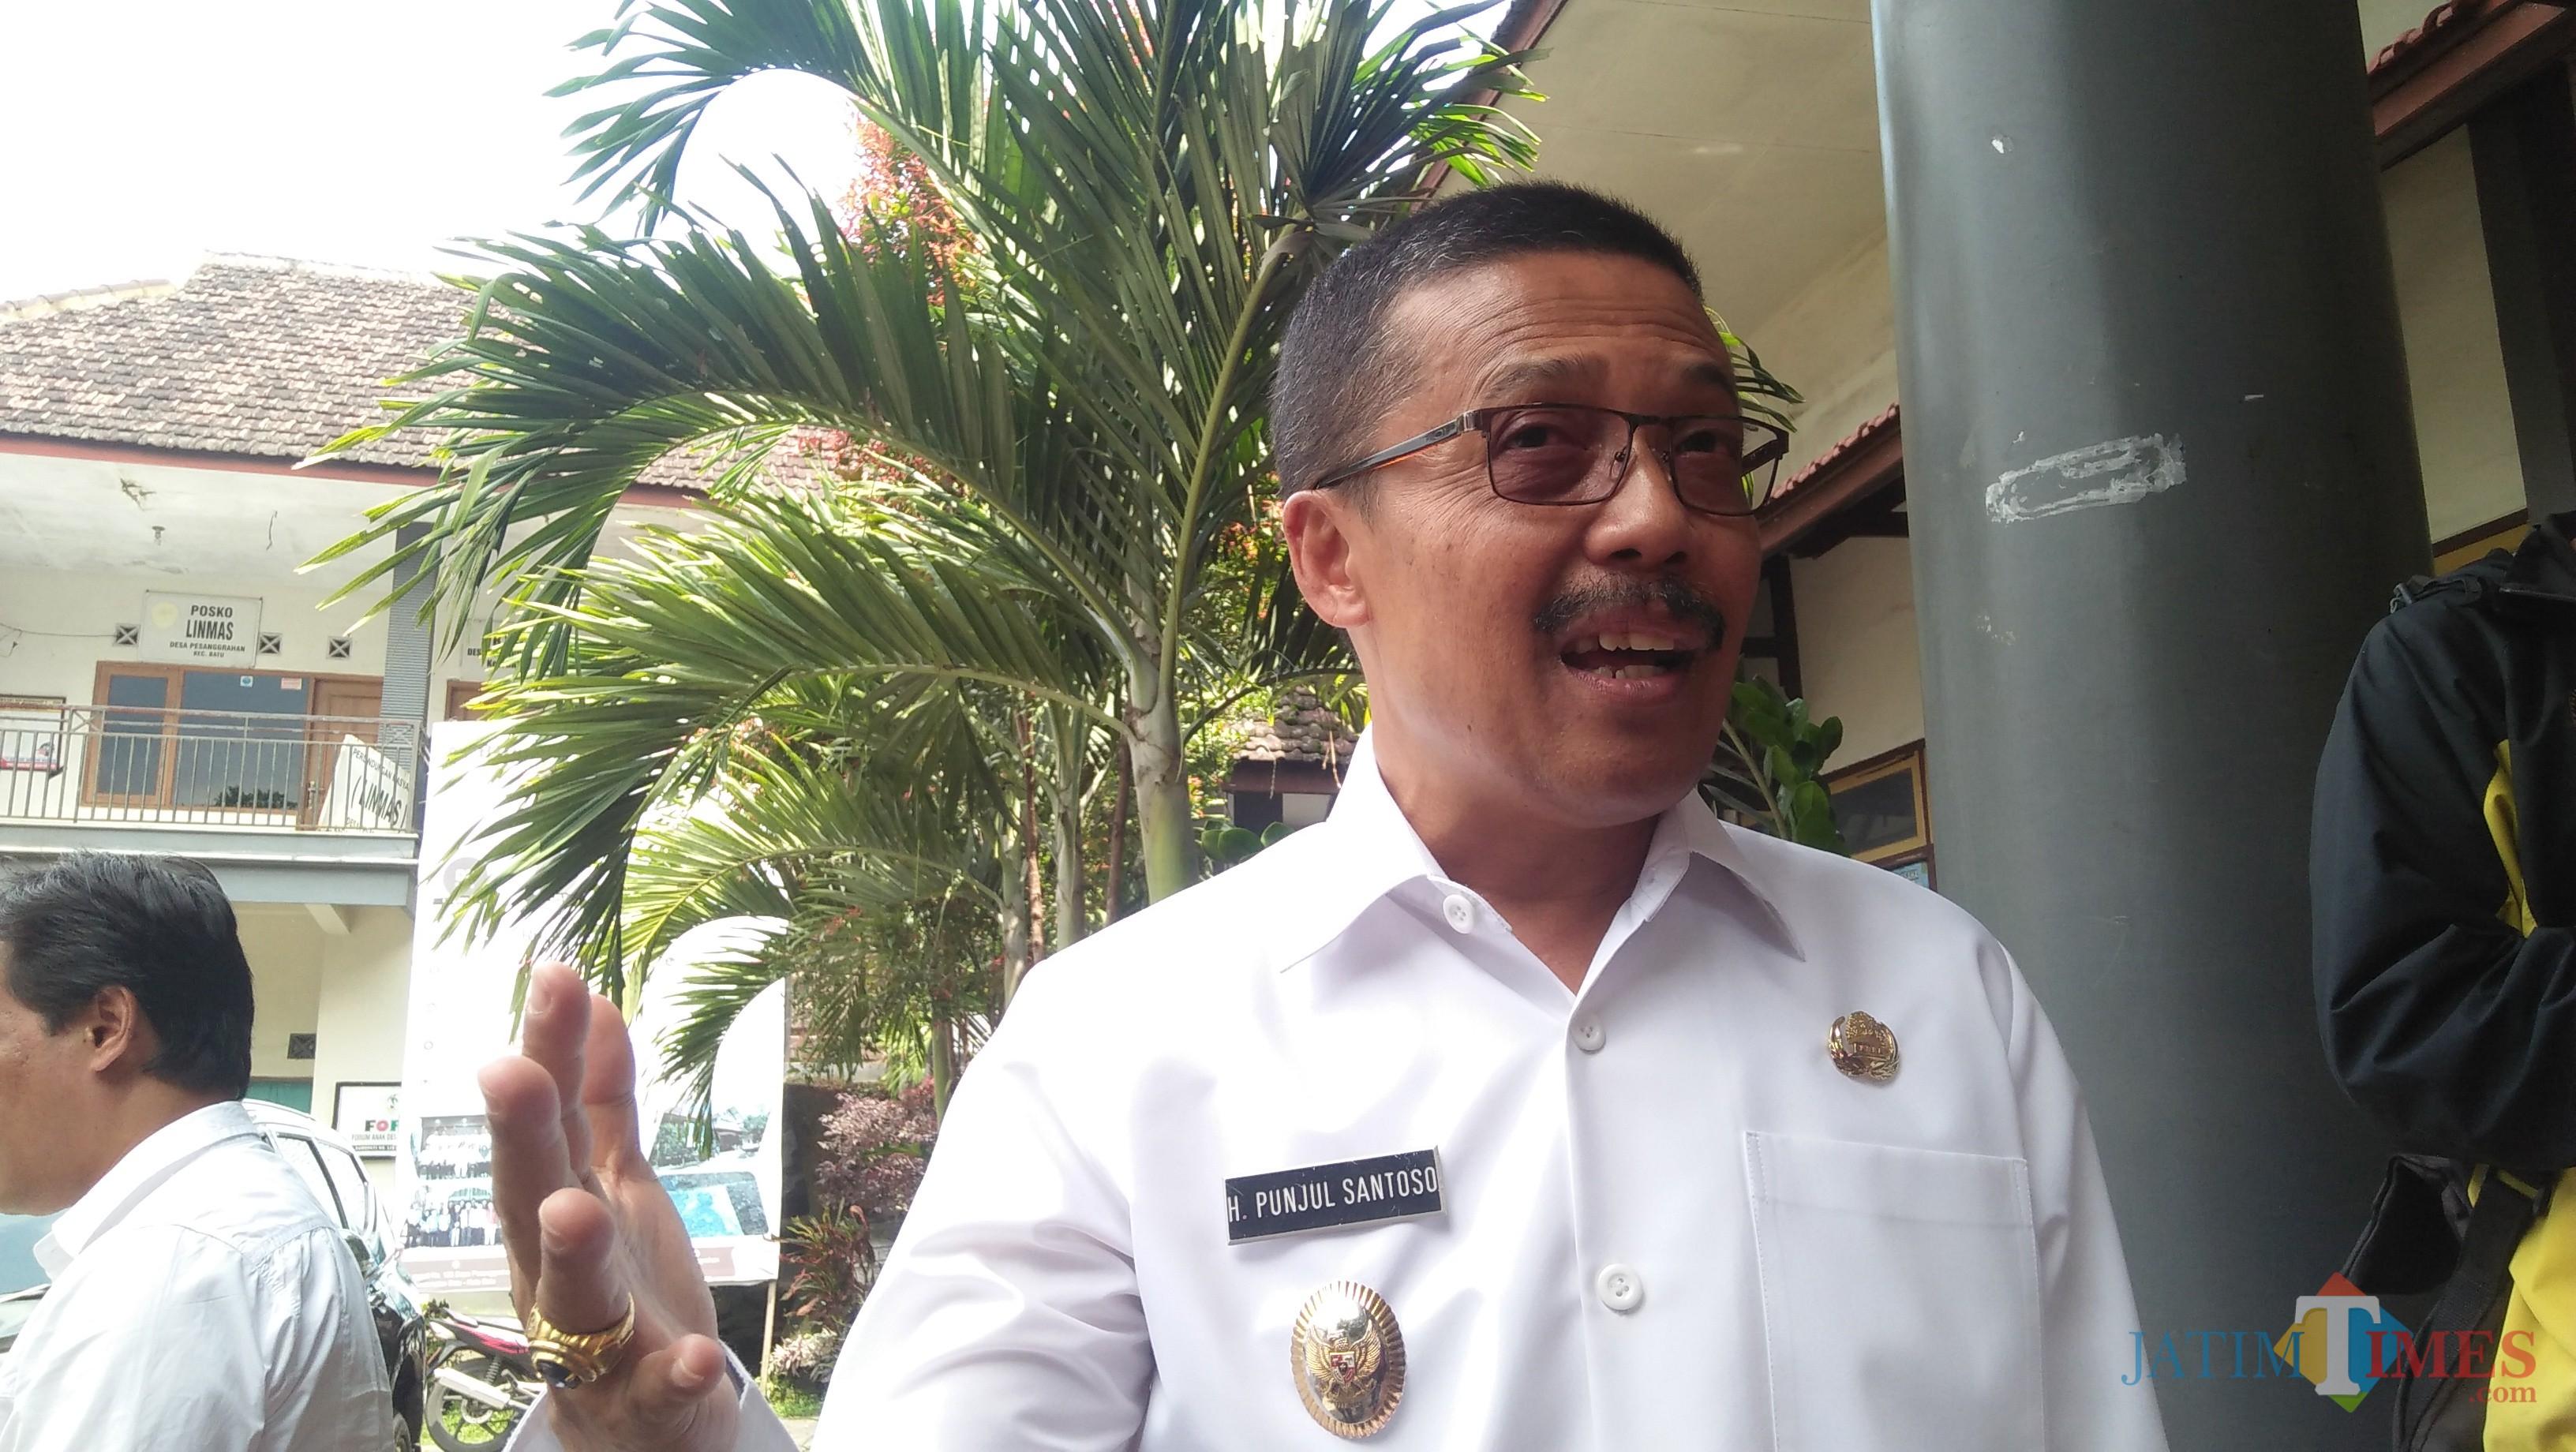 Wakil Wali Kota Batu Punjul Santoso (Luqmanul Hakim/Malang Times)